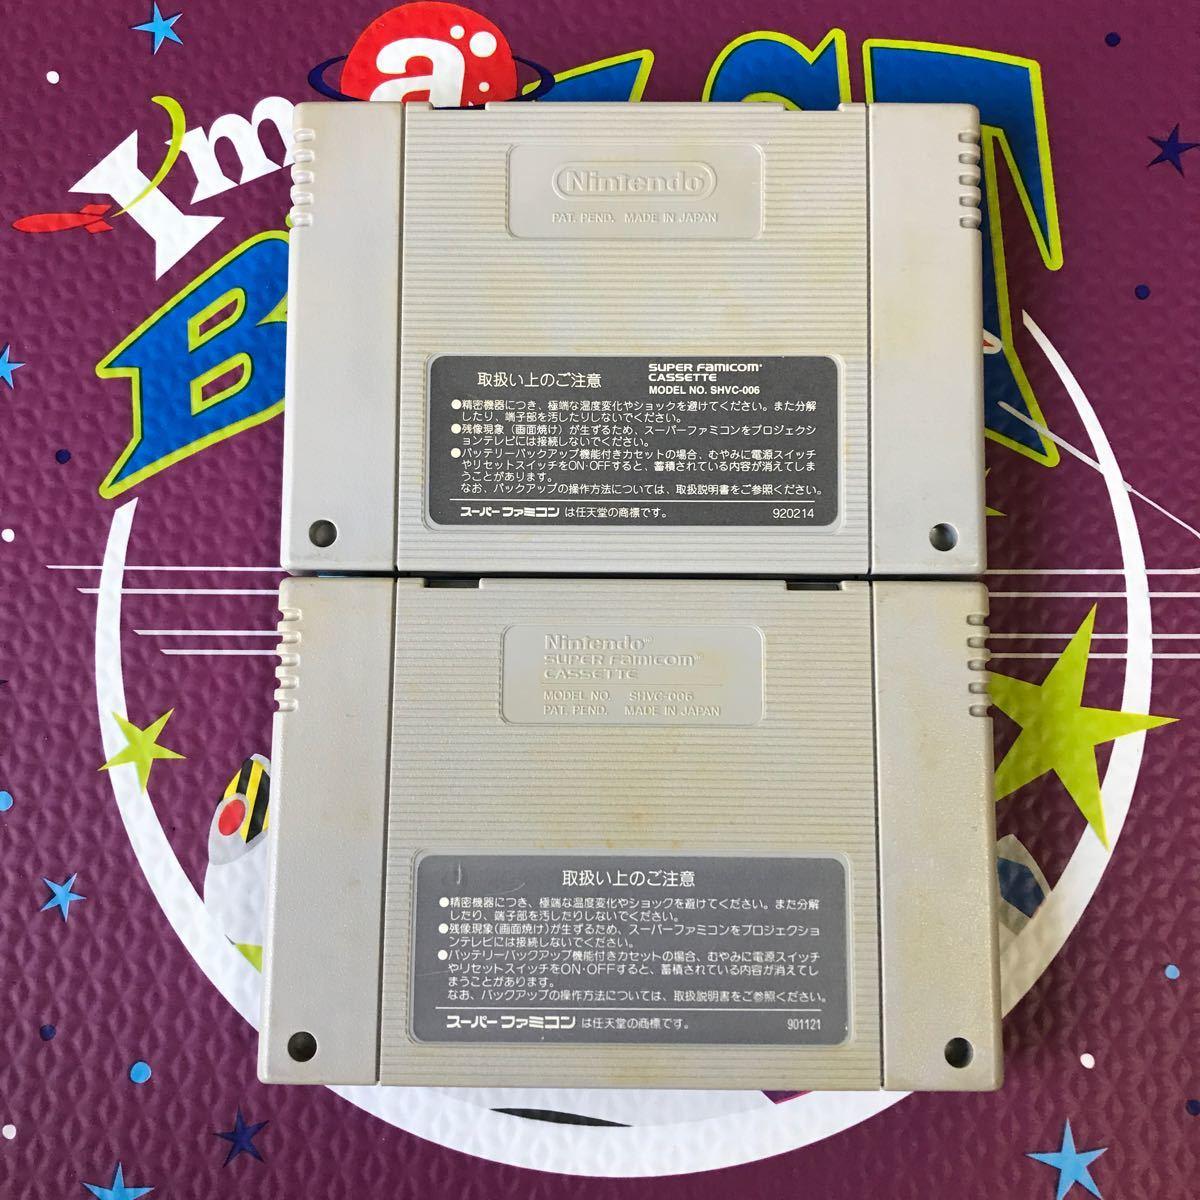 日本正規品 ファイナルファイト 二本セット スーパーファミコン